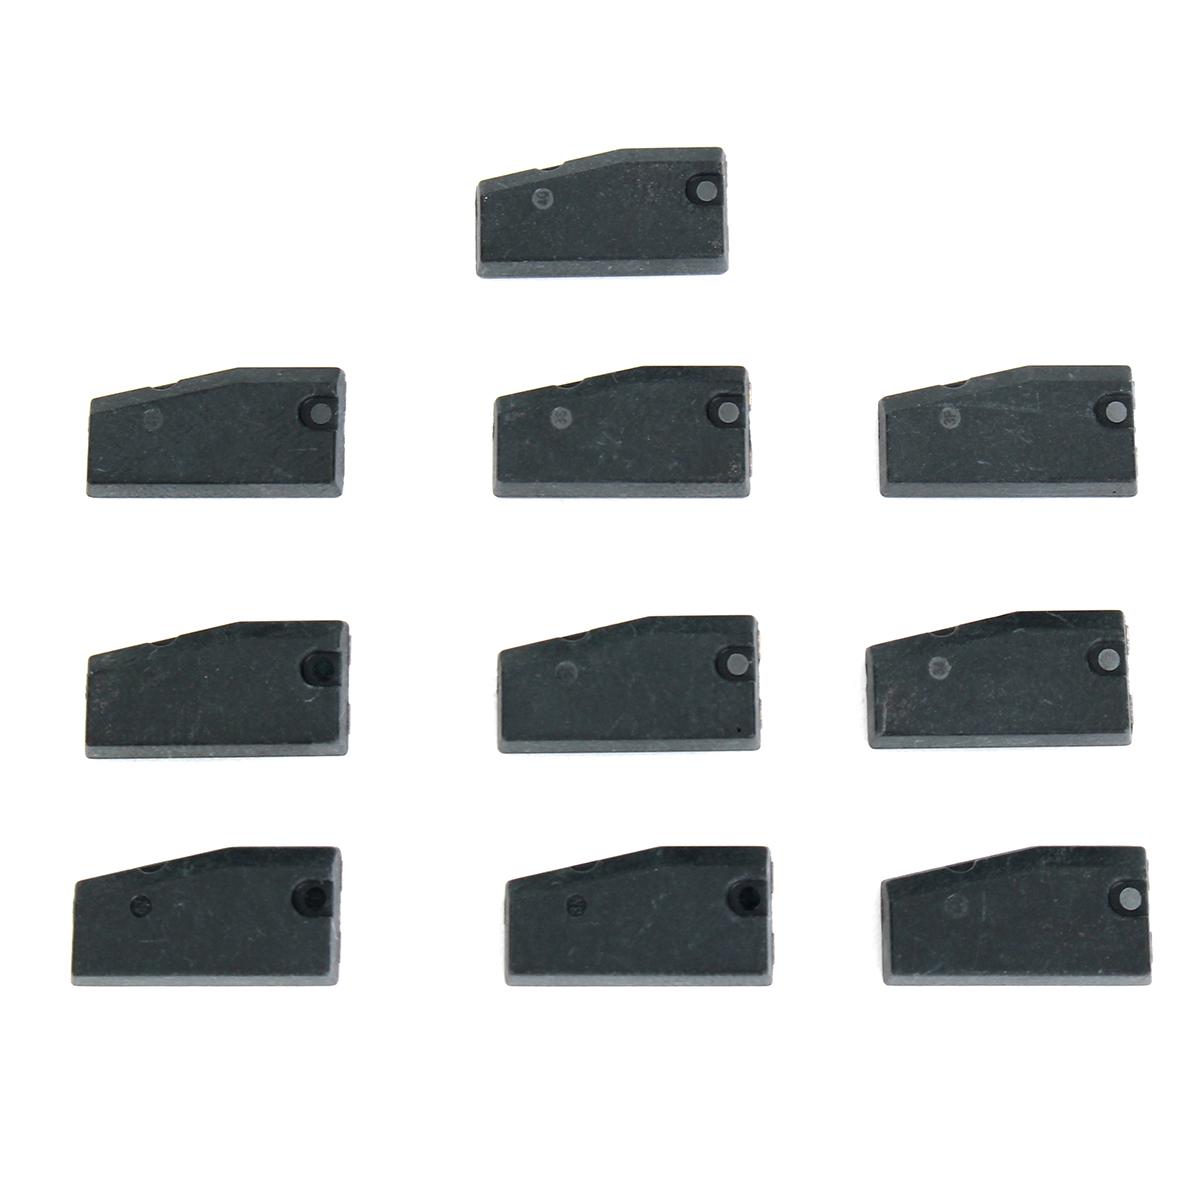 10pcs Original Black Car Key Chip Transponder G Chip Fit For Toyota 80 Bit